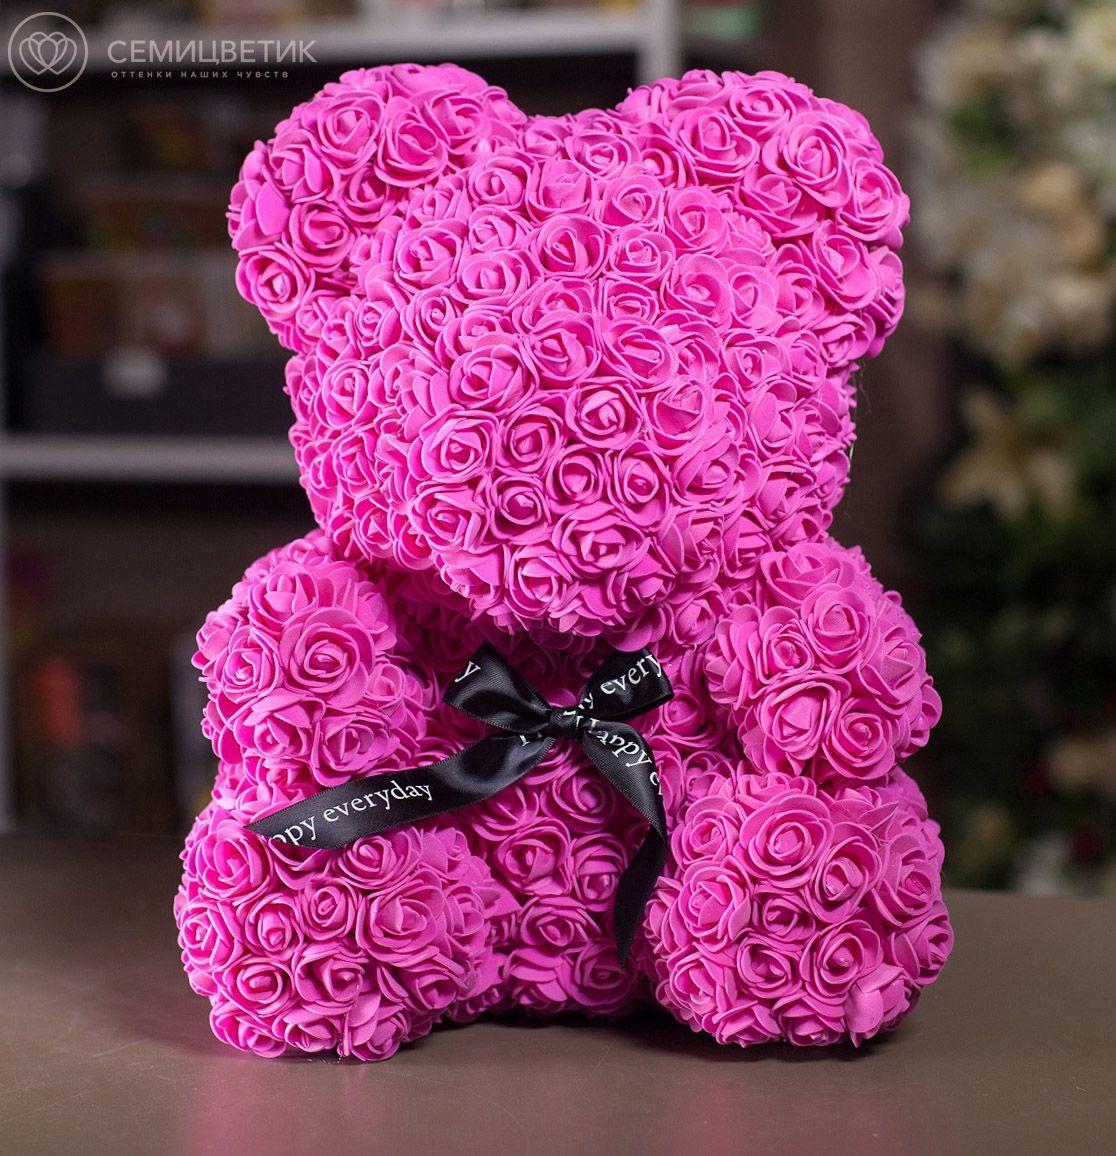 Мишка из роз малиновый с бантиком 40 см фото